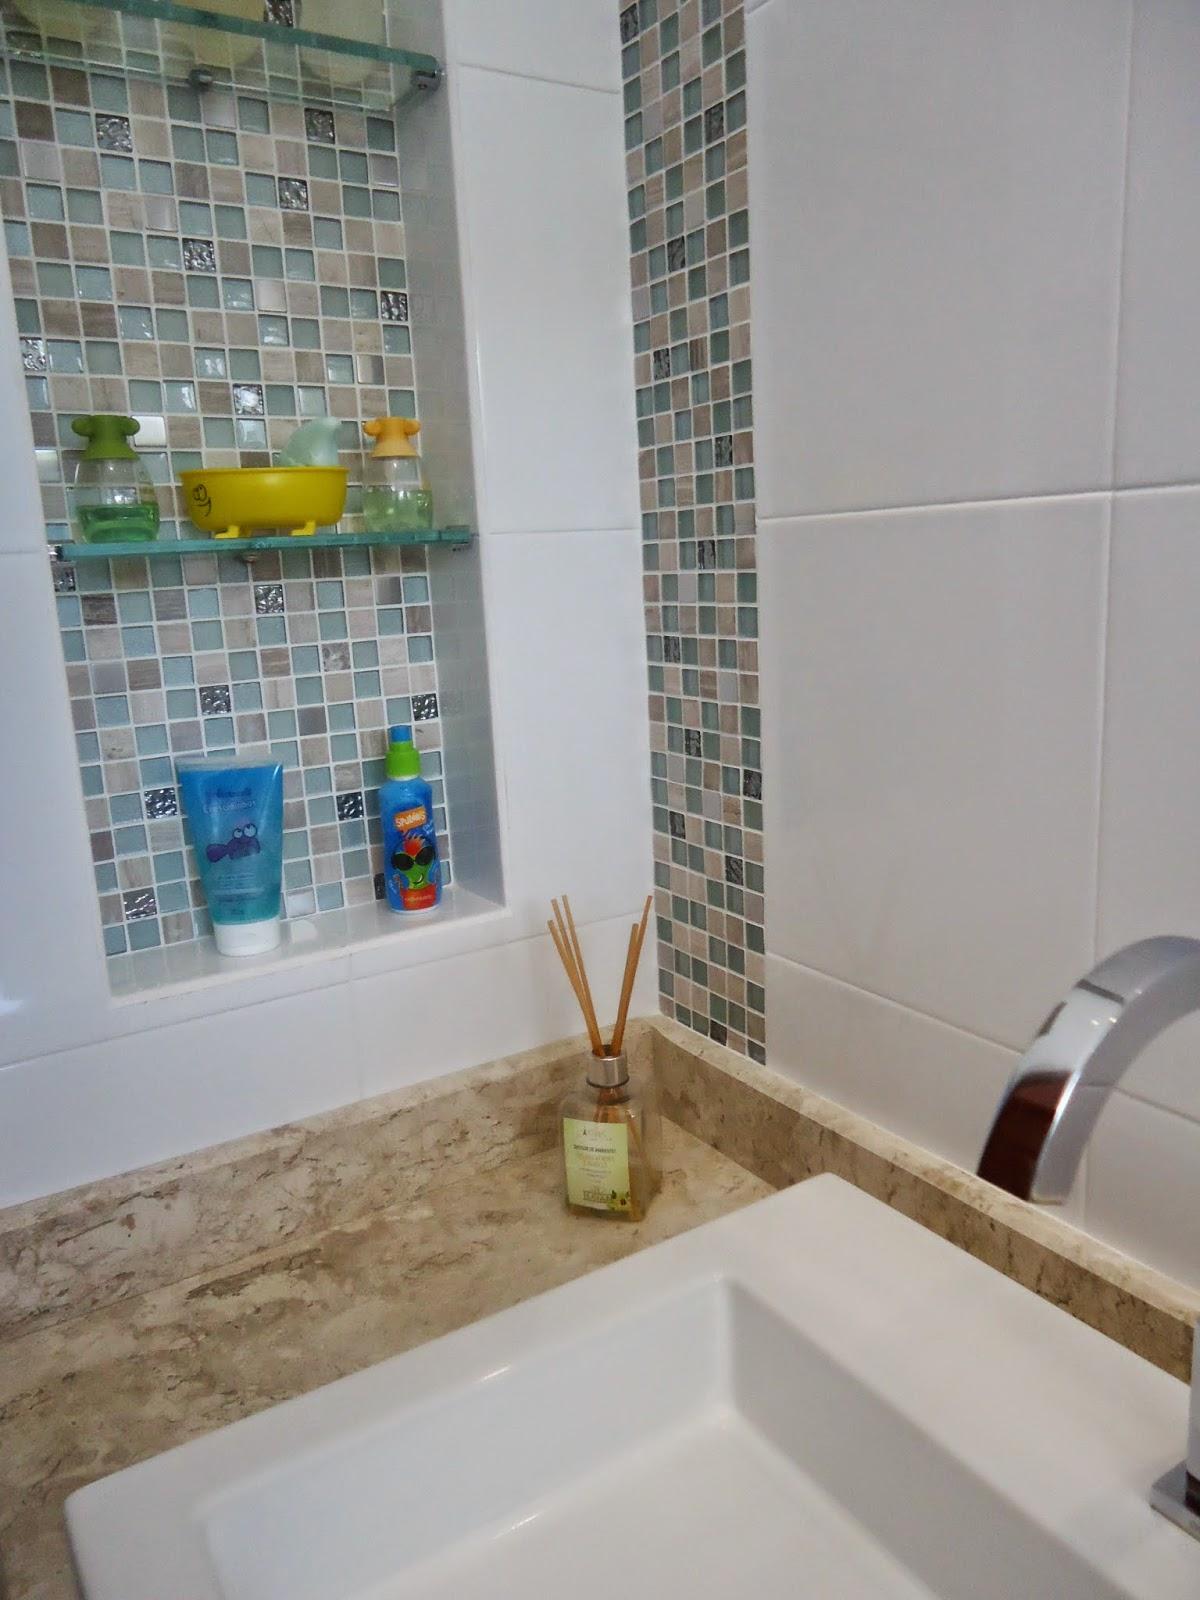 Nichos e pastilhas de vidro em banheiro infantil Arquiteta Bianca  #684D30 1200 1600